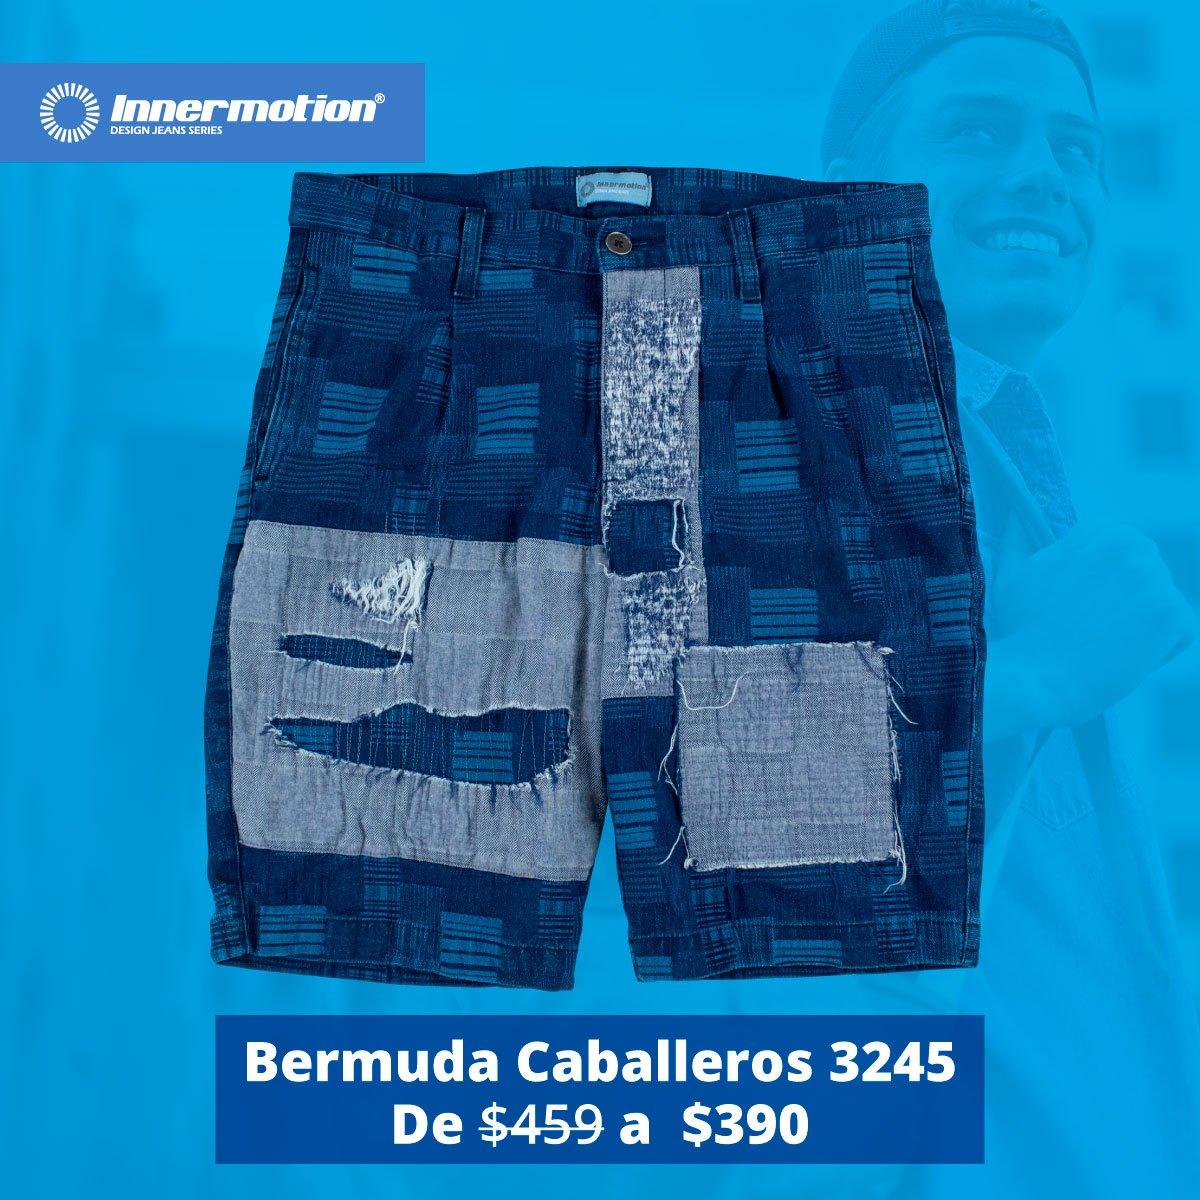 bfc36bc01f ... con nuestra Bermuda Innermotion para Caballeros